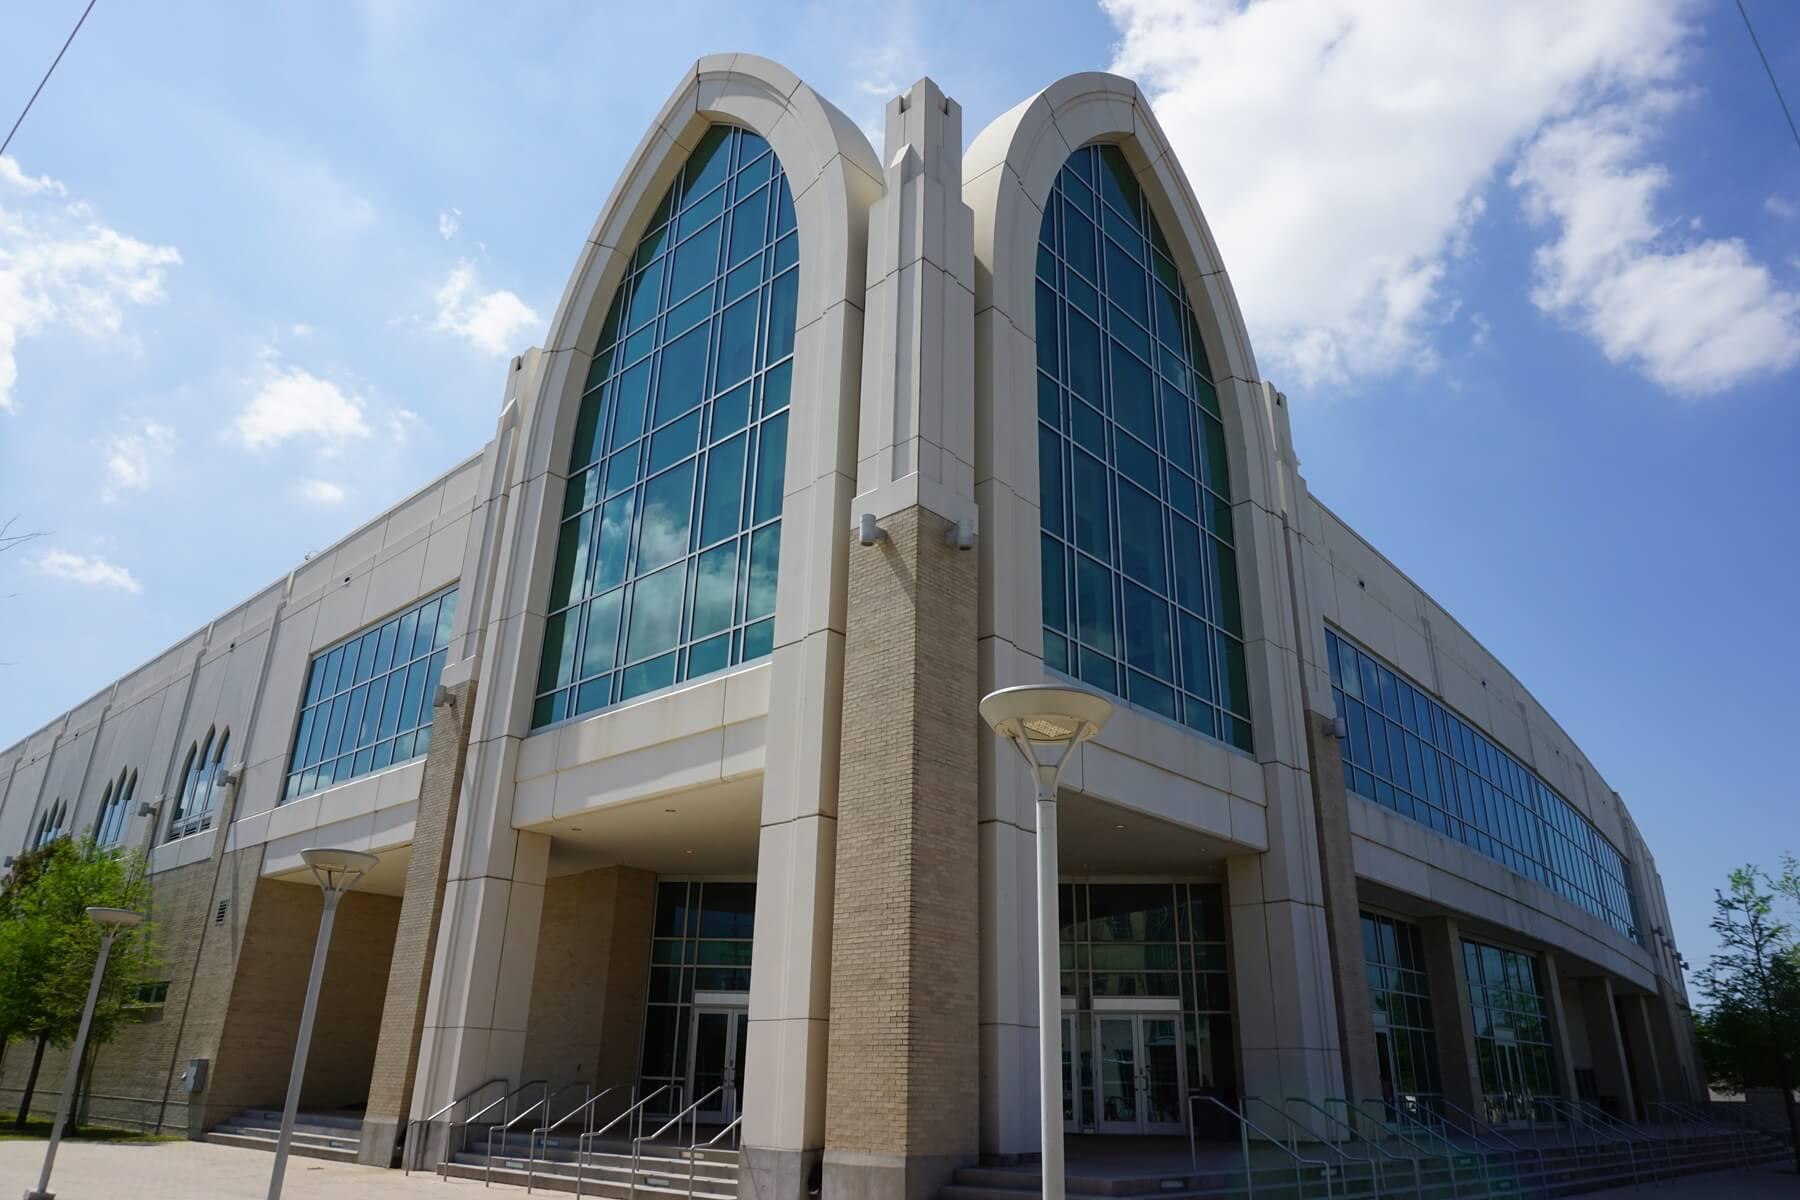 Convocation Center - Xavier University of Louisiana